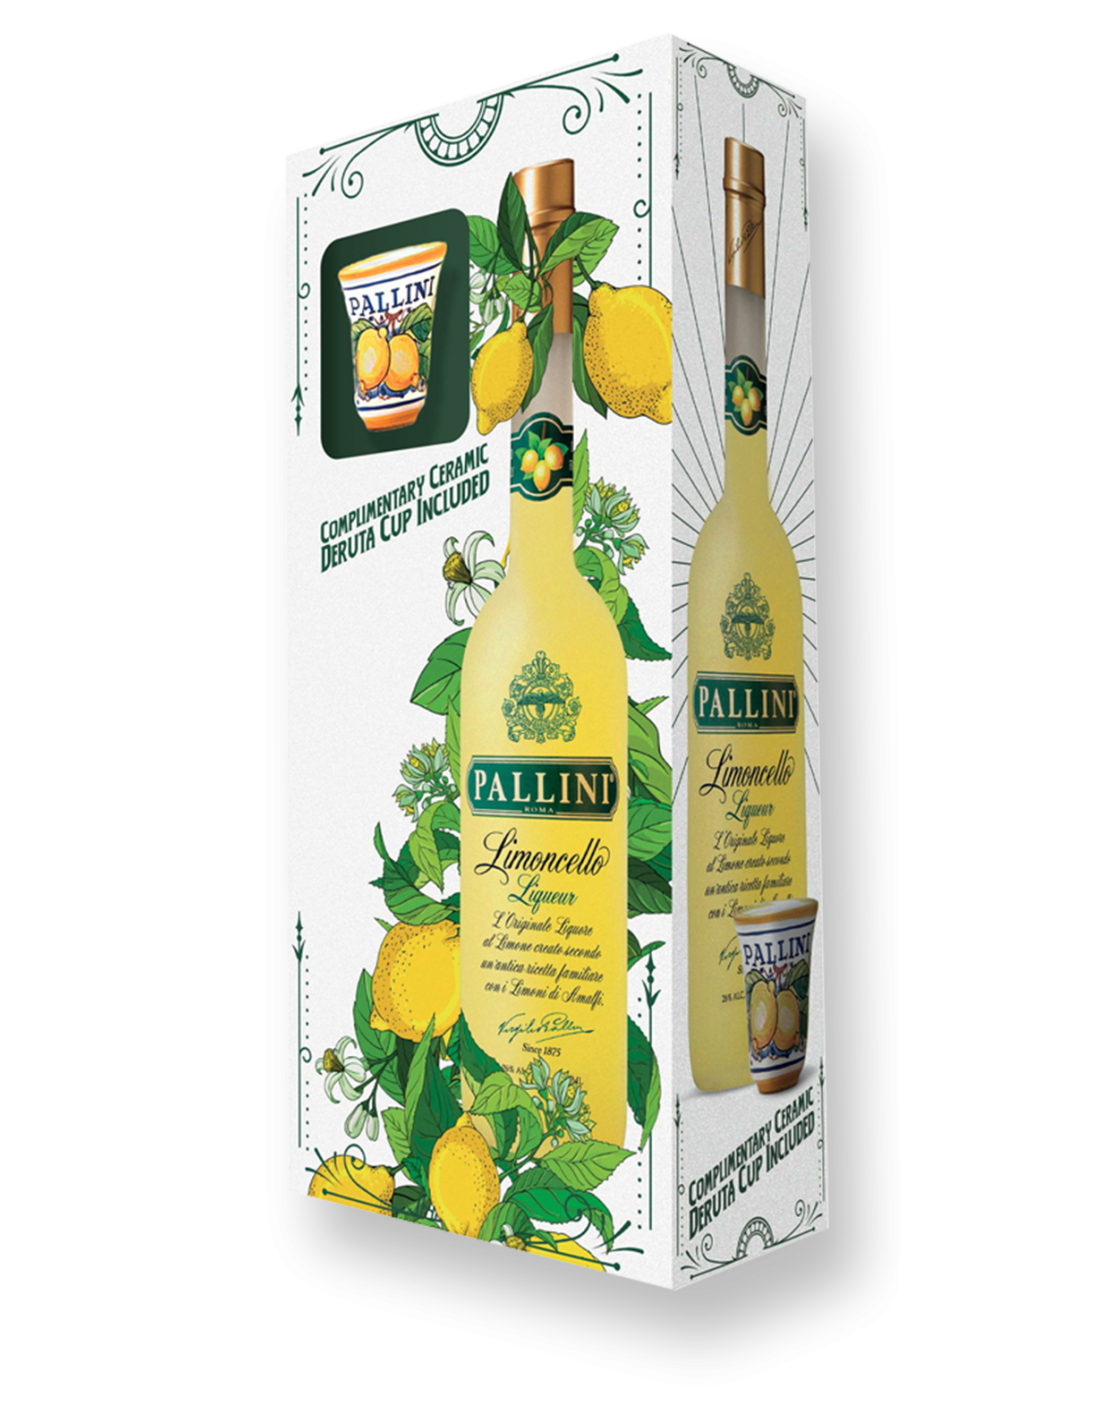 Lichior Pallini Limoncello + pahar, 26% alc., 0.5L, Italia